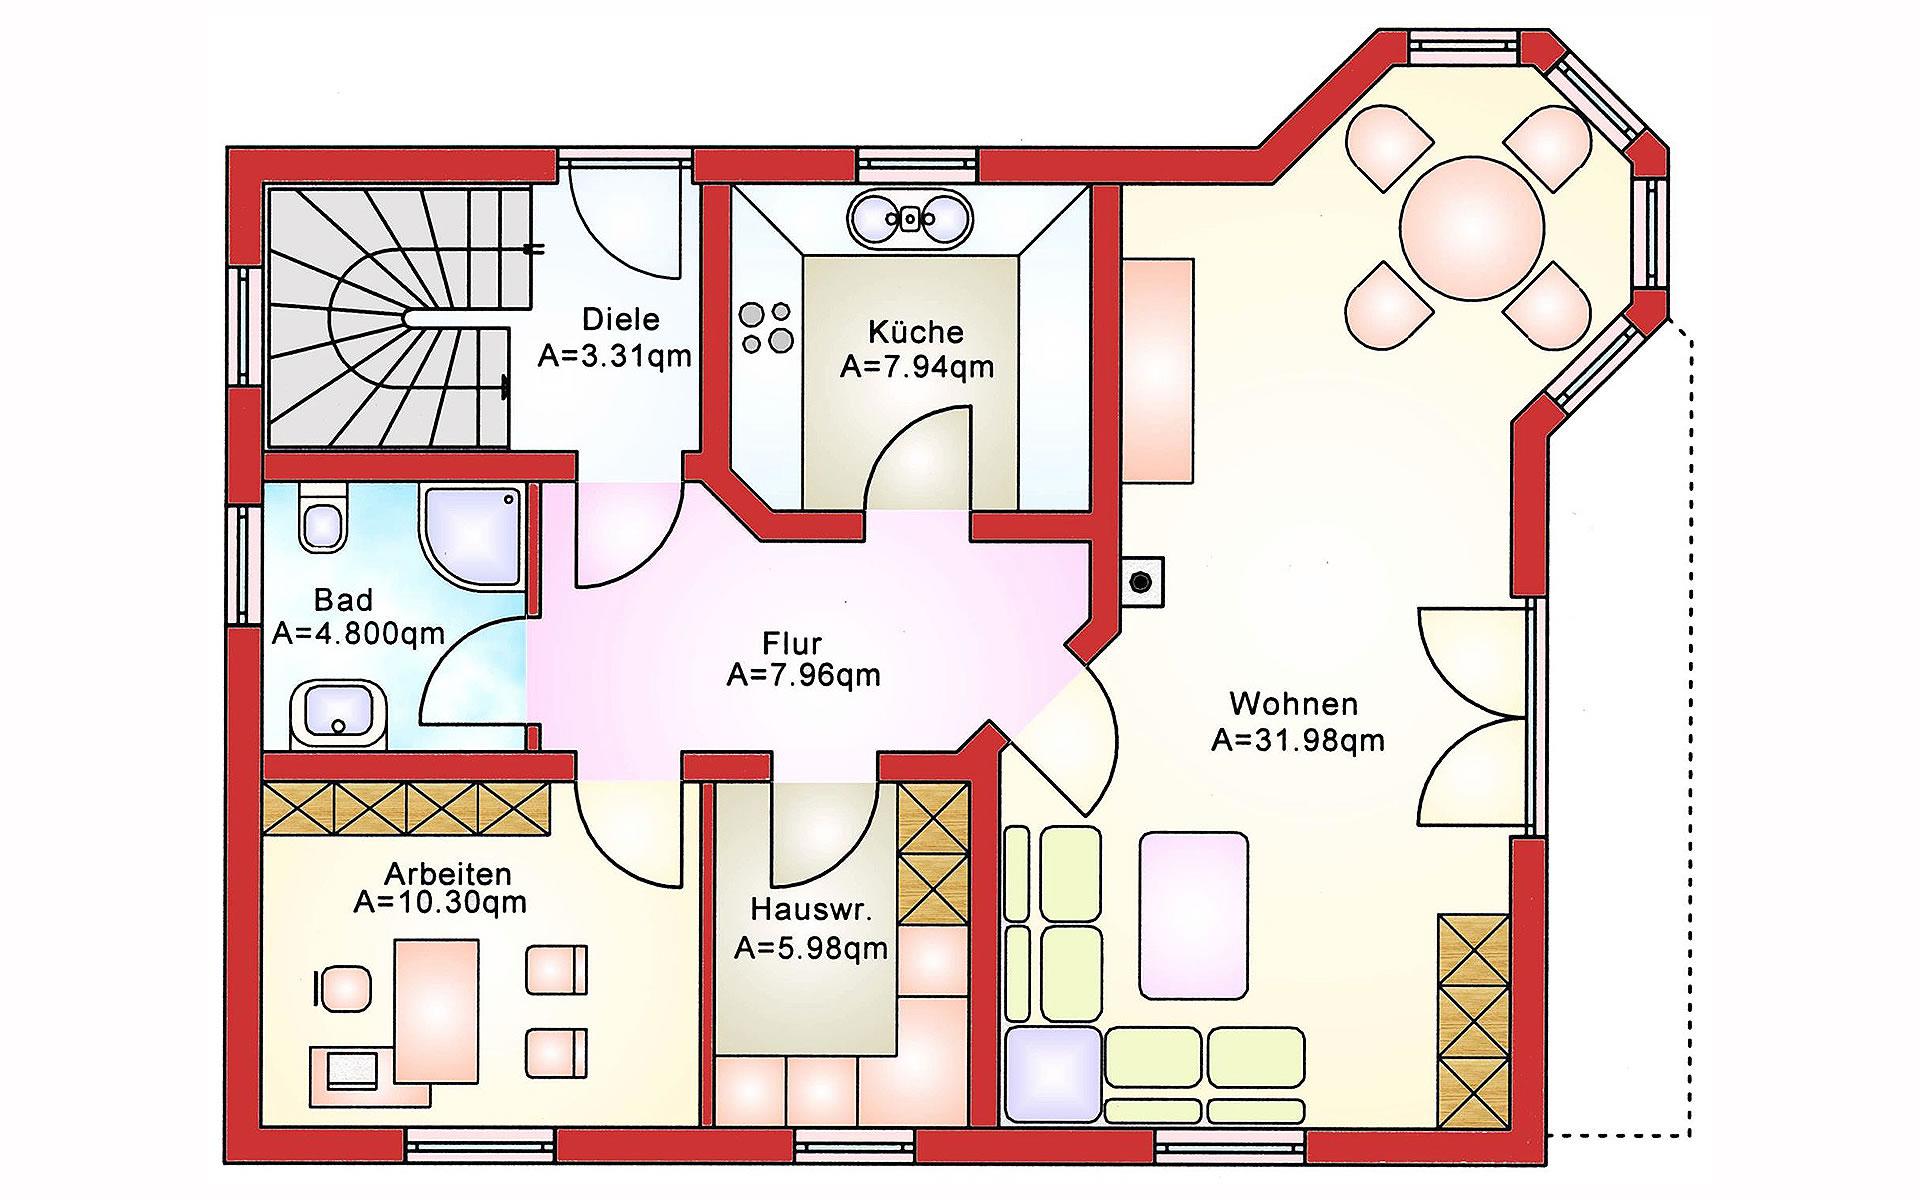 Erdgeschoss Einfamilienhaus BS 134 von B&S Selbstbausysteme GmbH & Co. KG